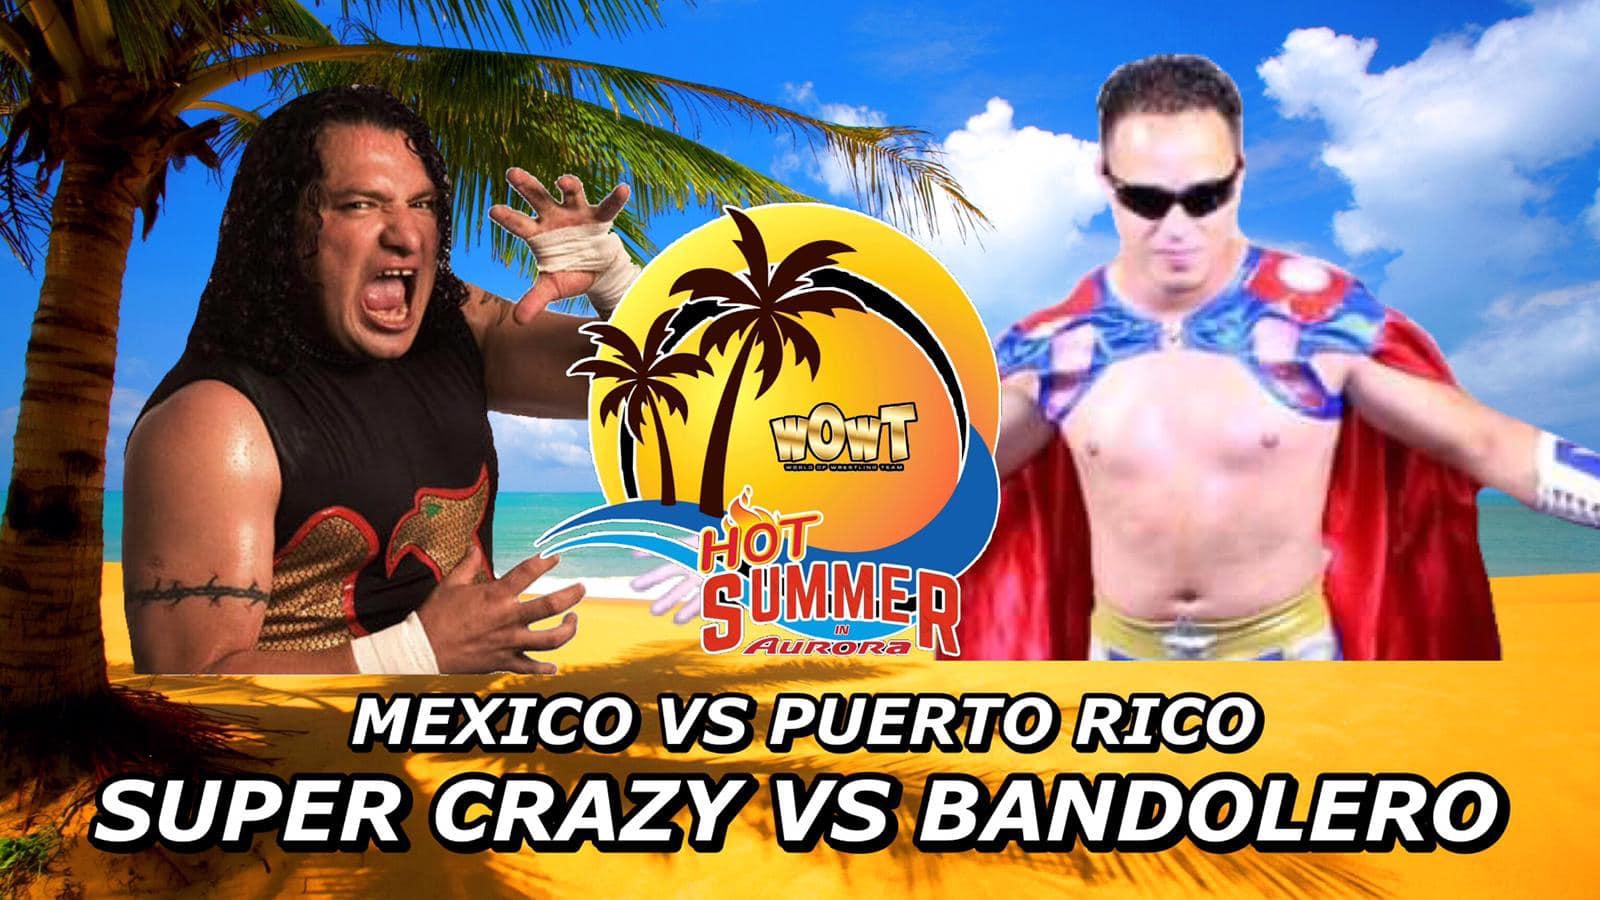 ¡Super Crazy vs Bandolero por el Campeonato Mundial de WOWT! 38